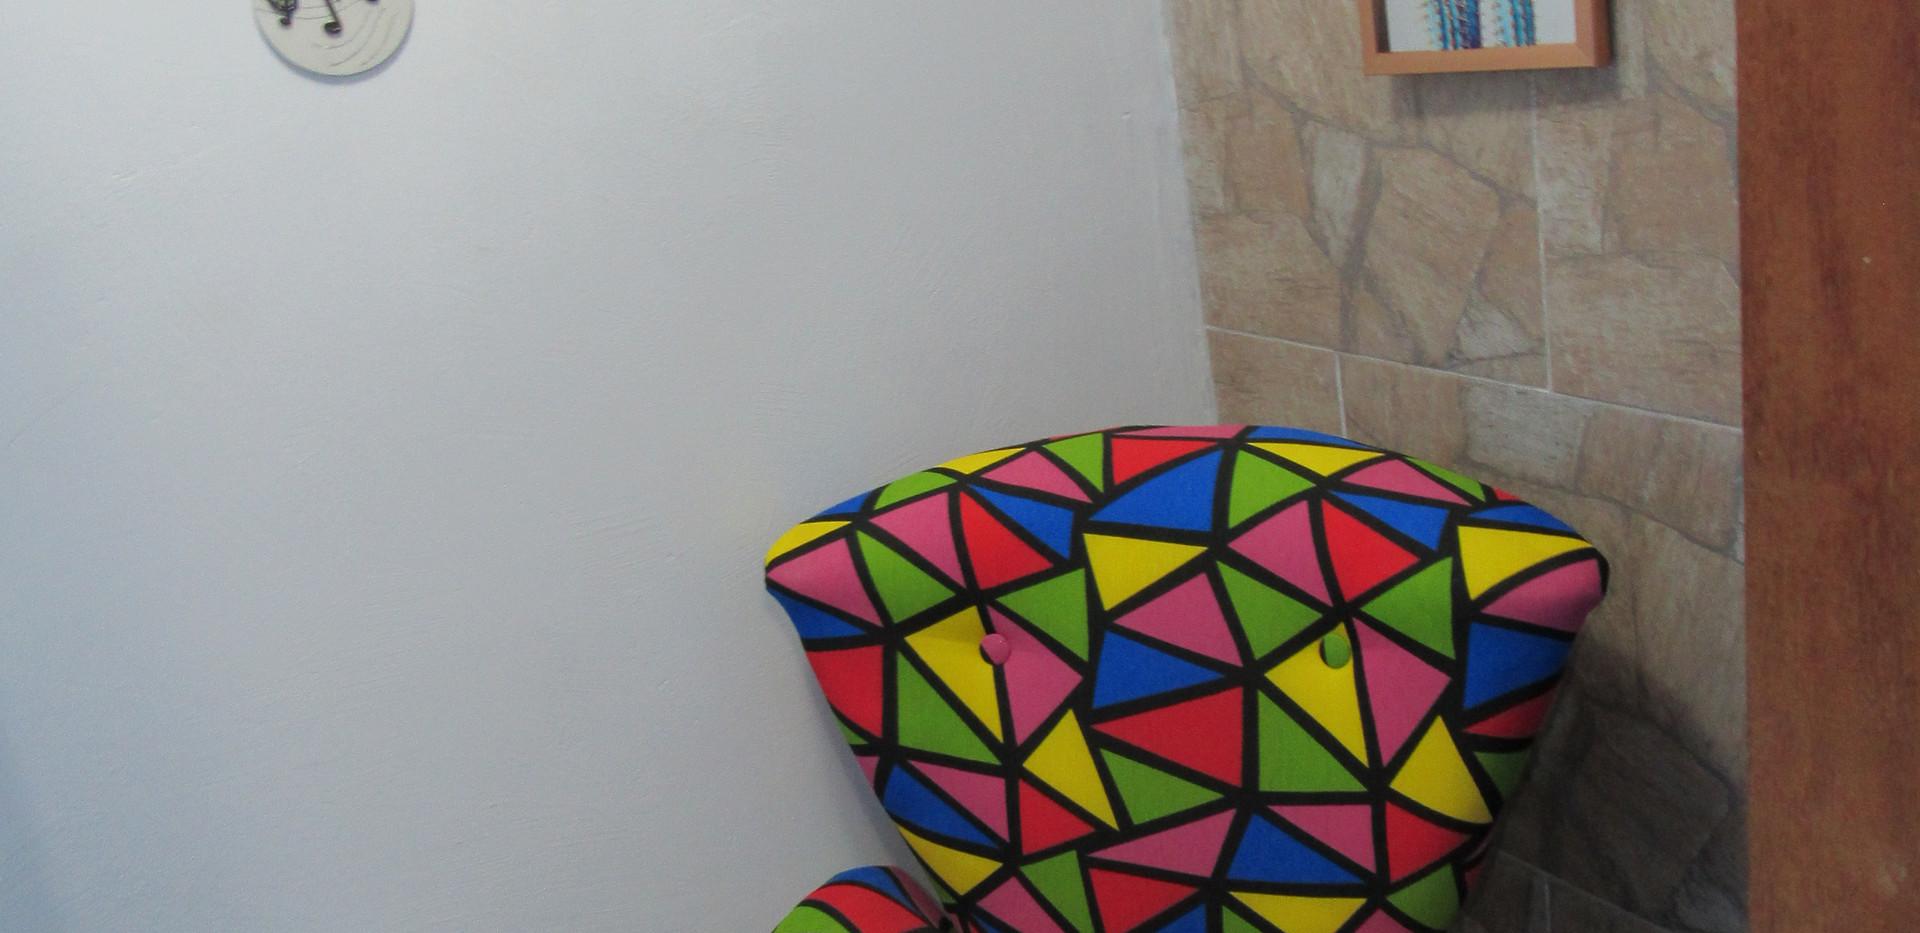 Cadeira 1 - Casa da Musika.JPG